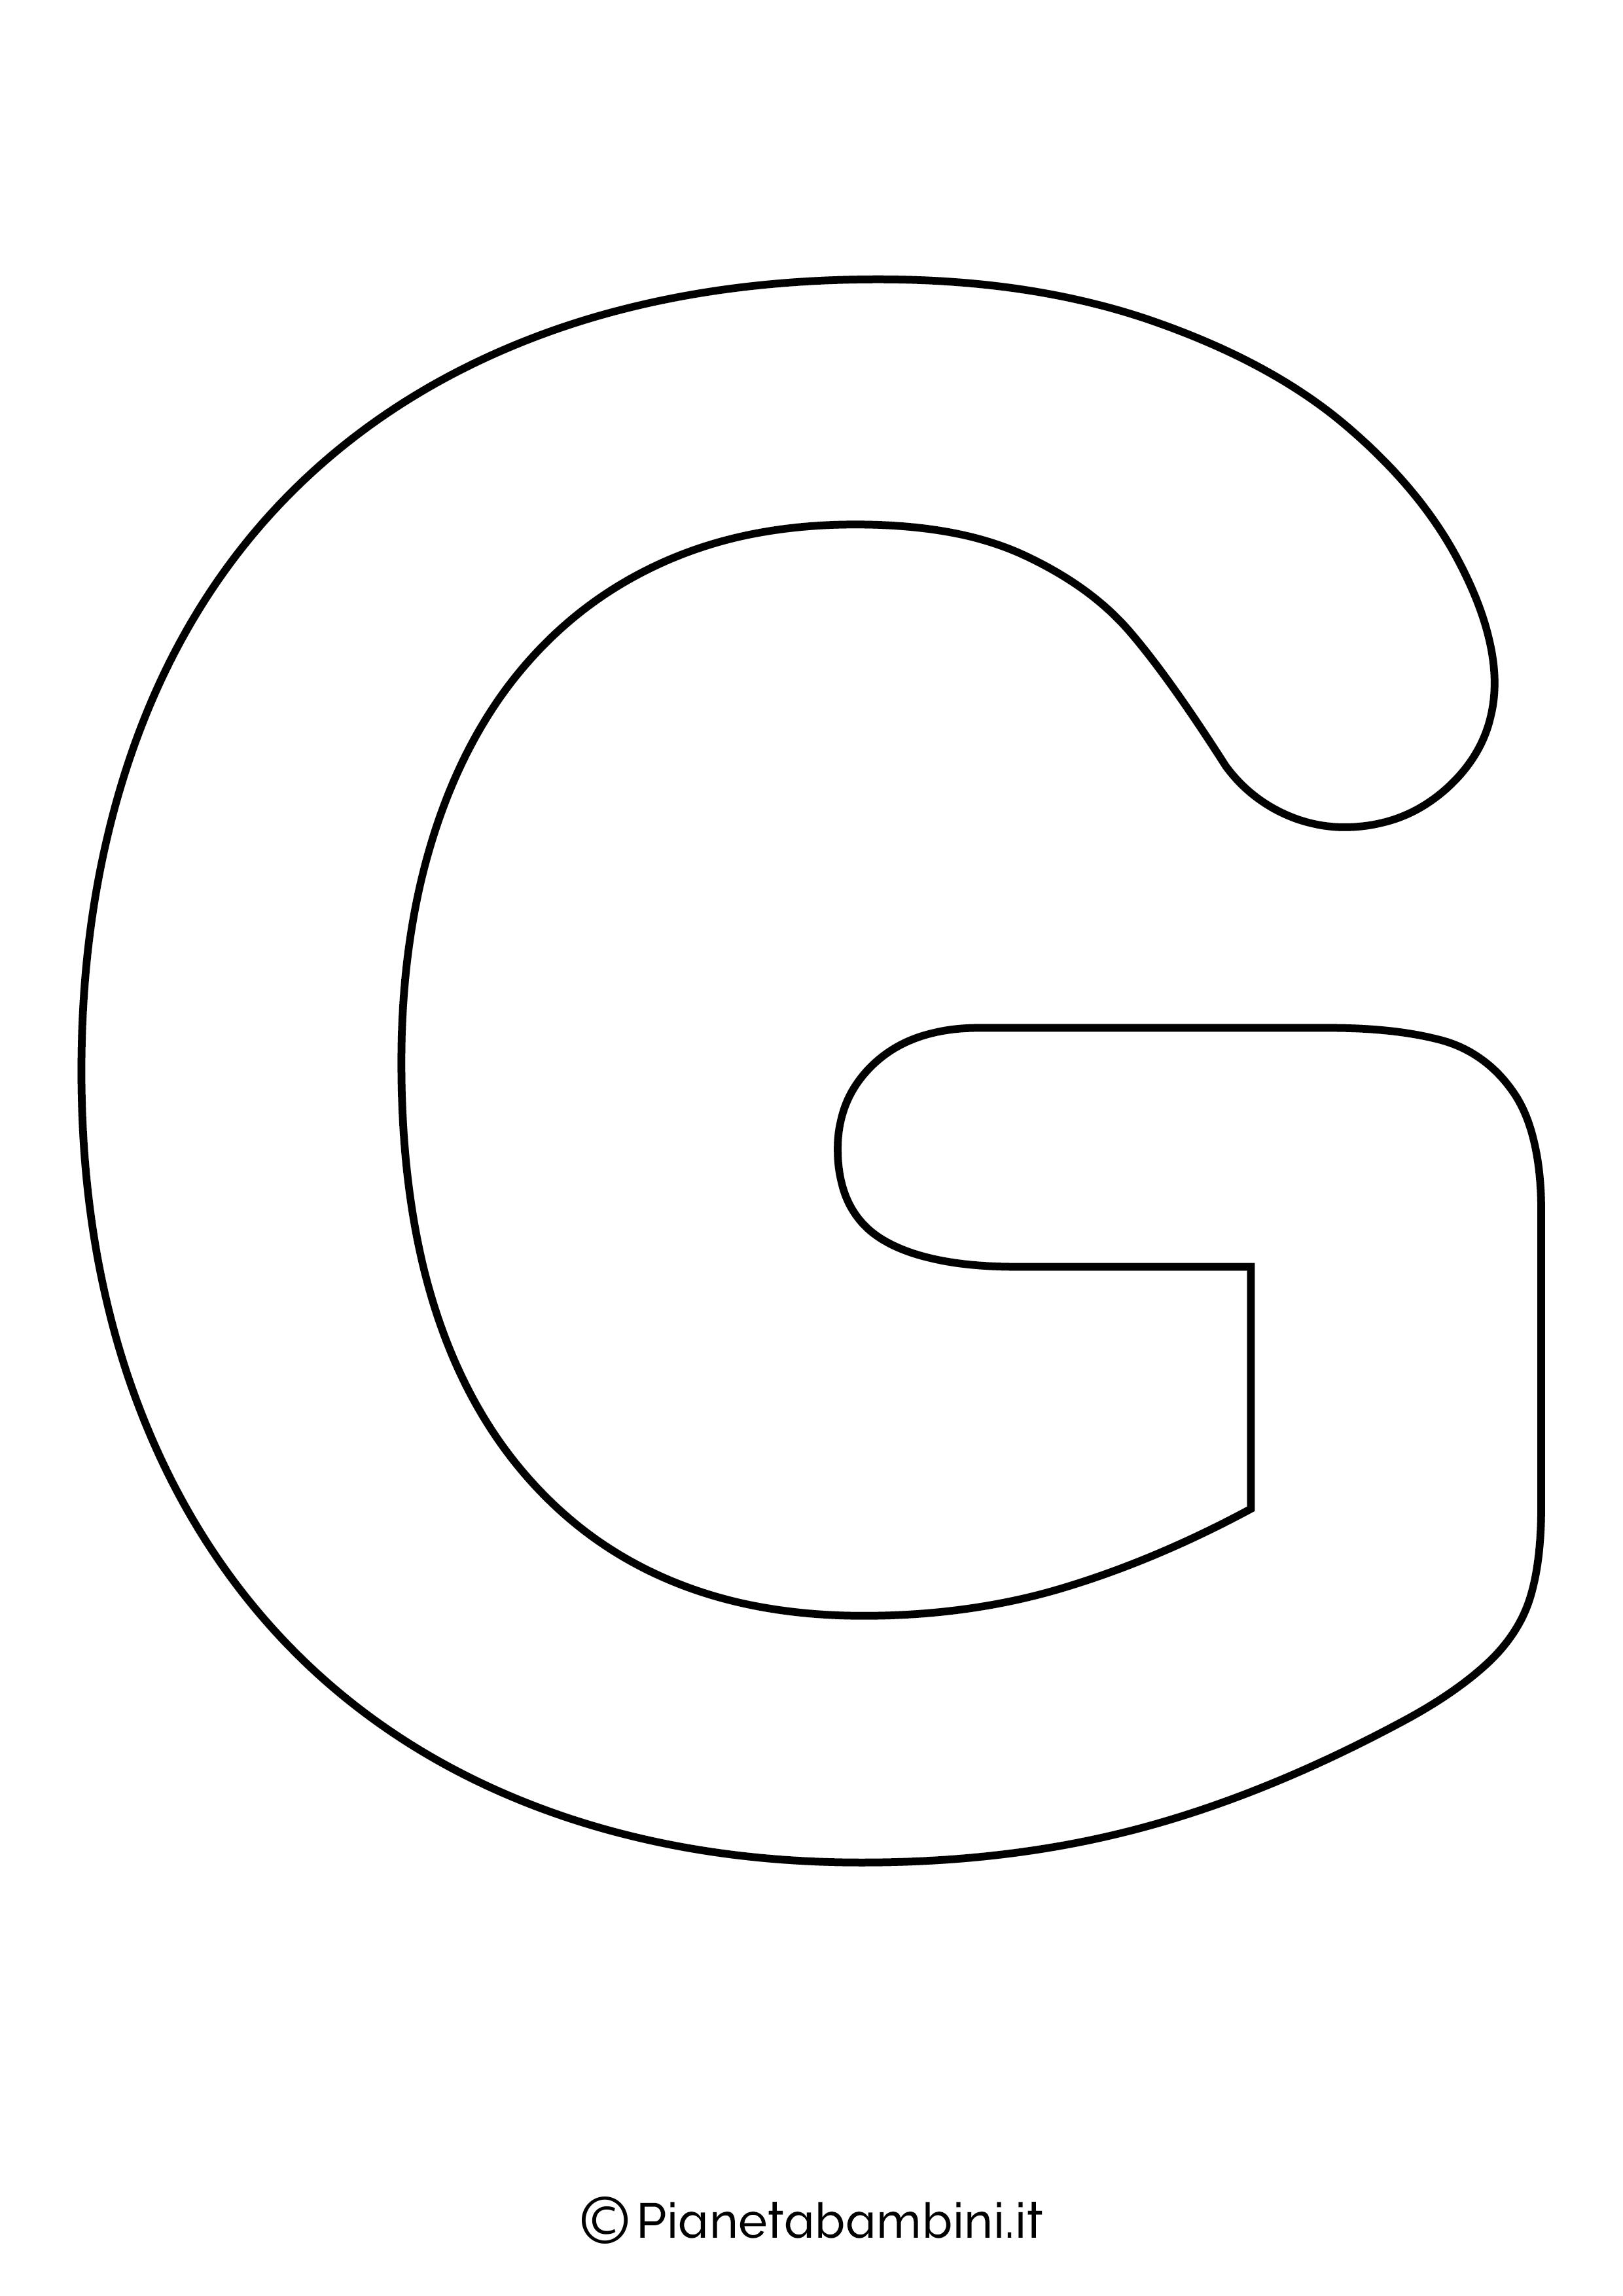 Lettera G maiuscola da stampare